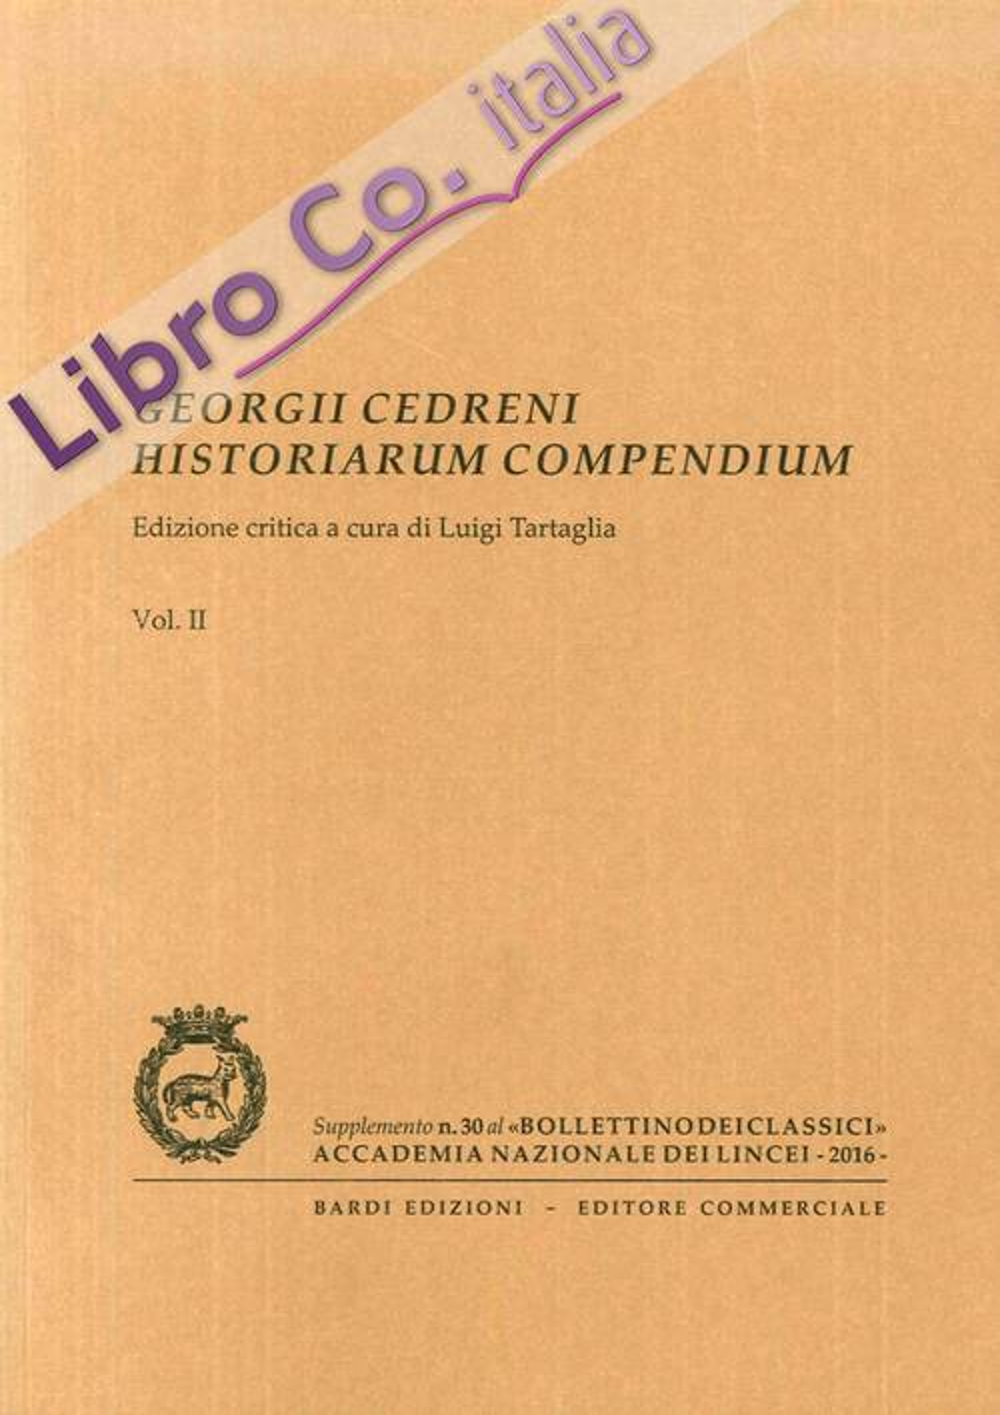 Georgii Cedreni Historiarum compendium. Edizione critica a cura di Luigi Tartaglia. 2 Vols